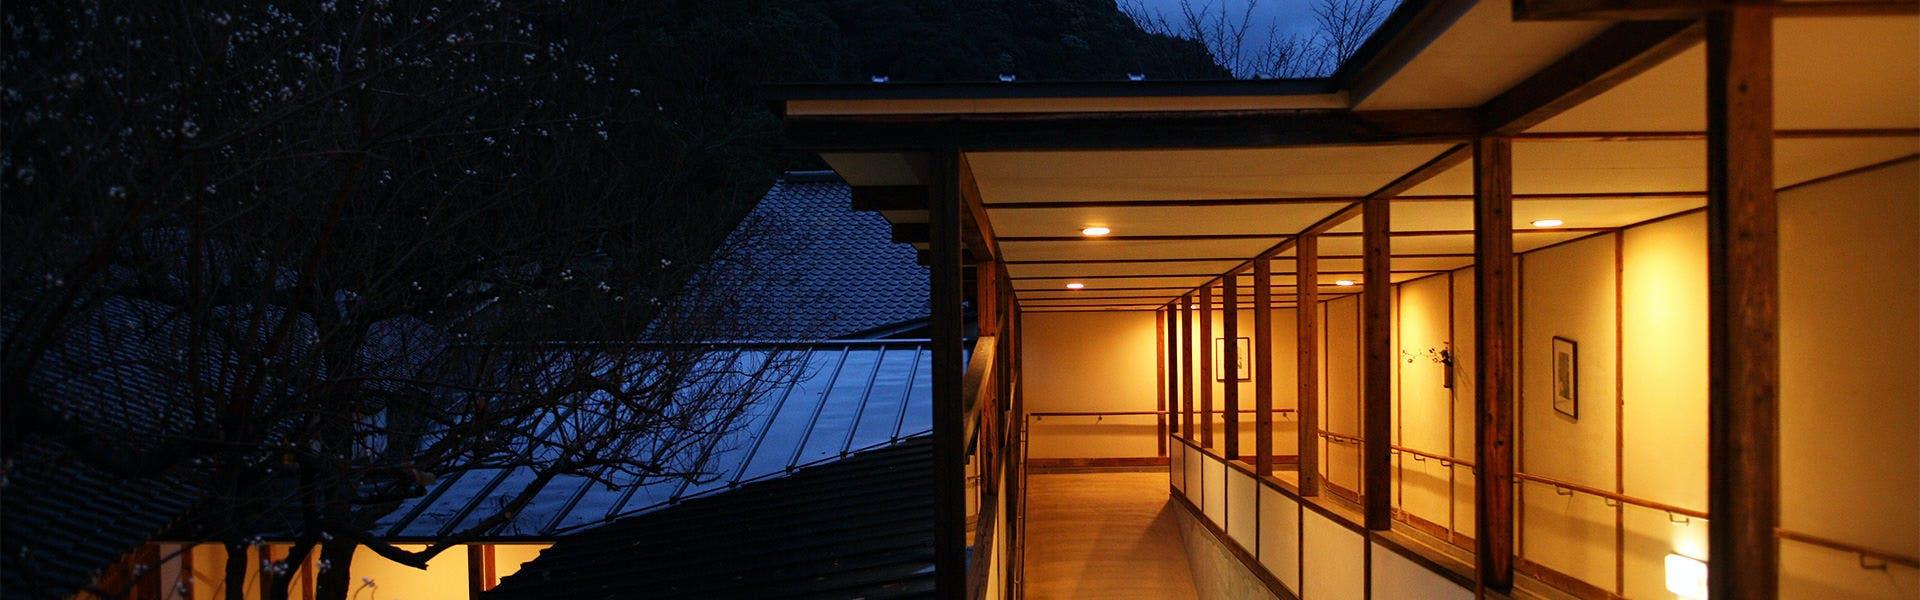 記念日におすすめのホテル・大正屋 椎葉山荘の写真2